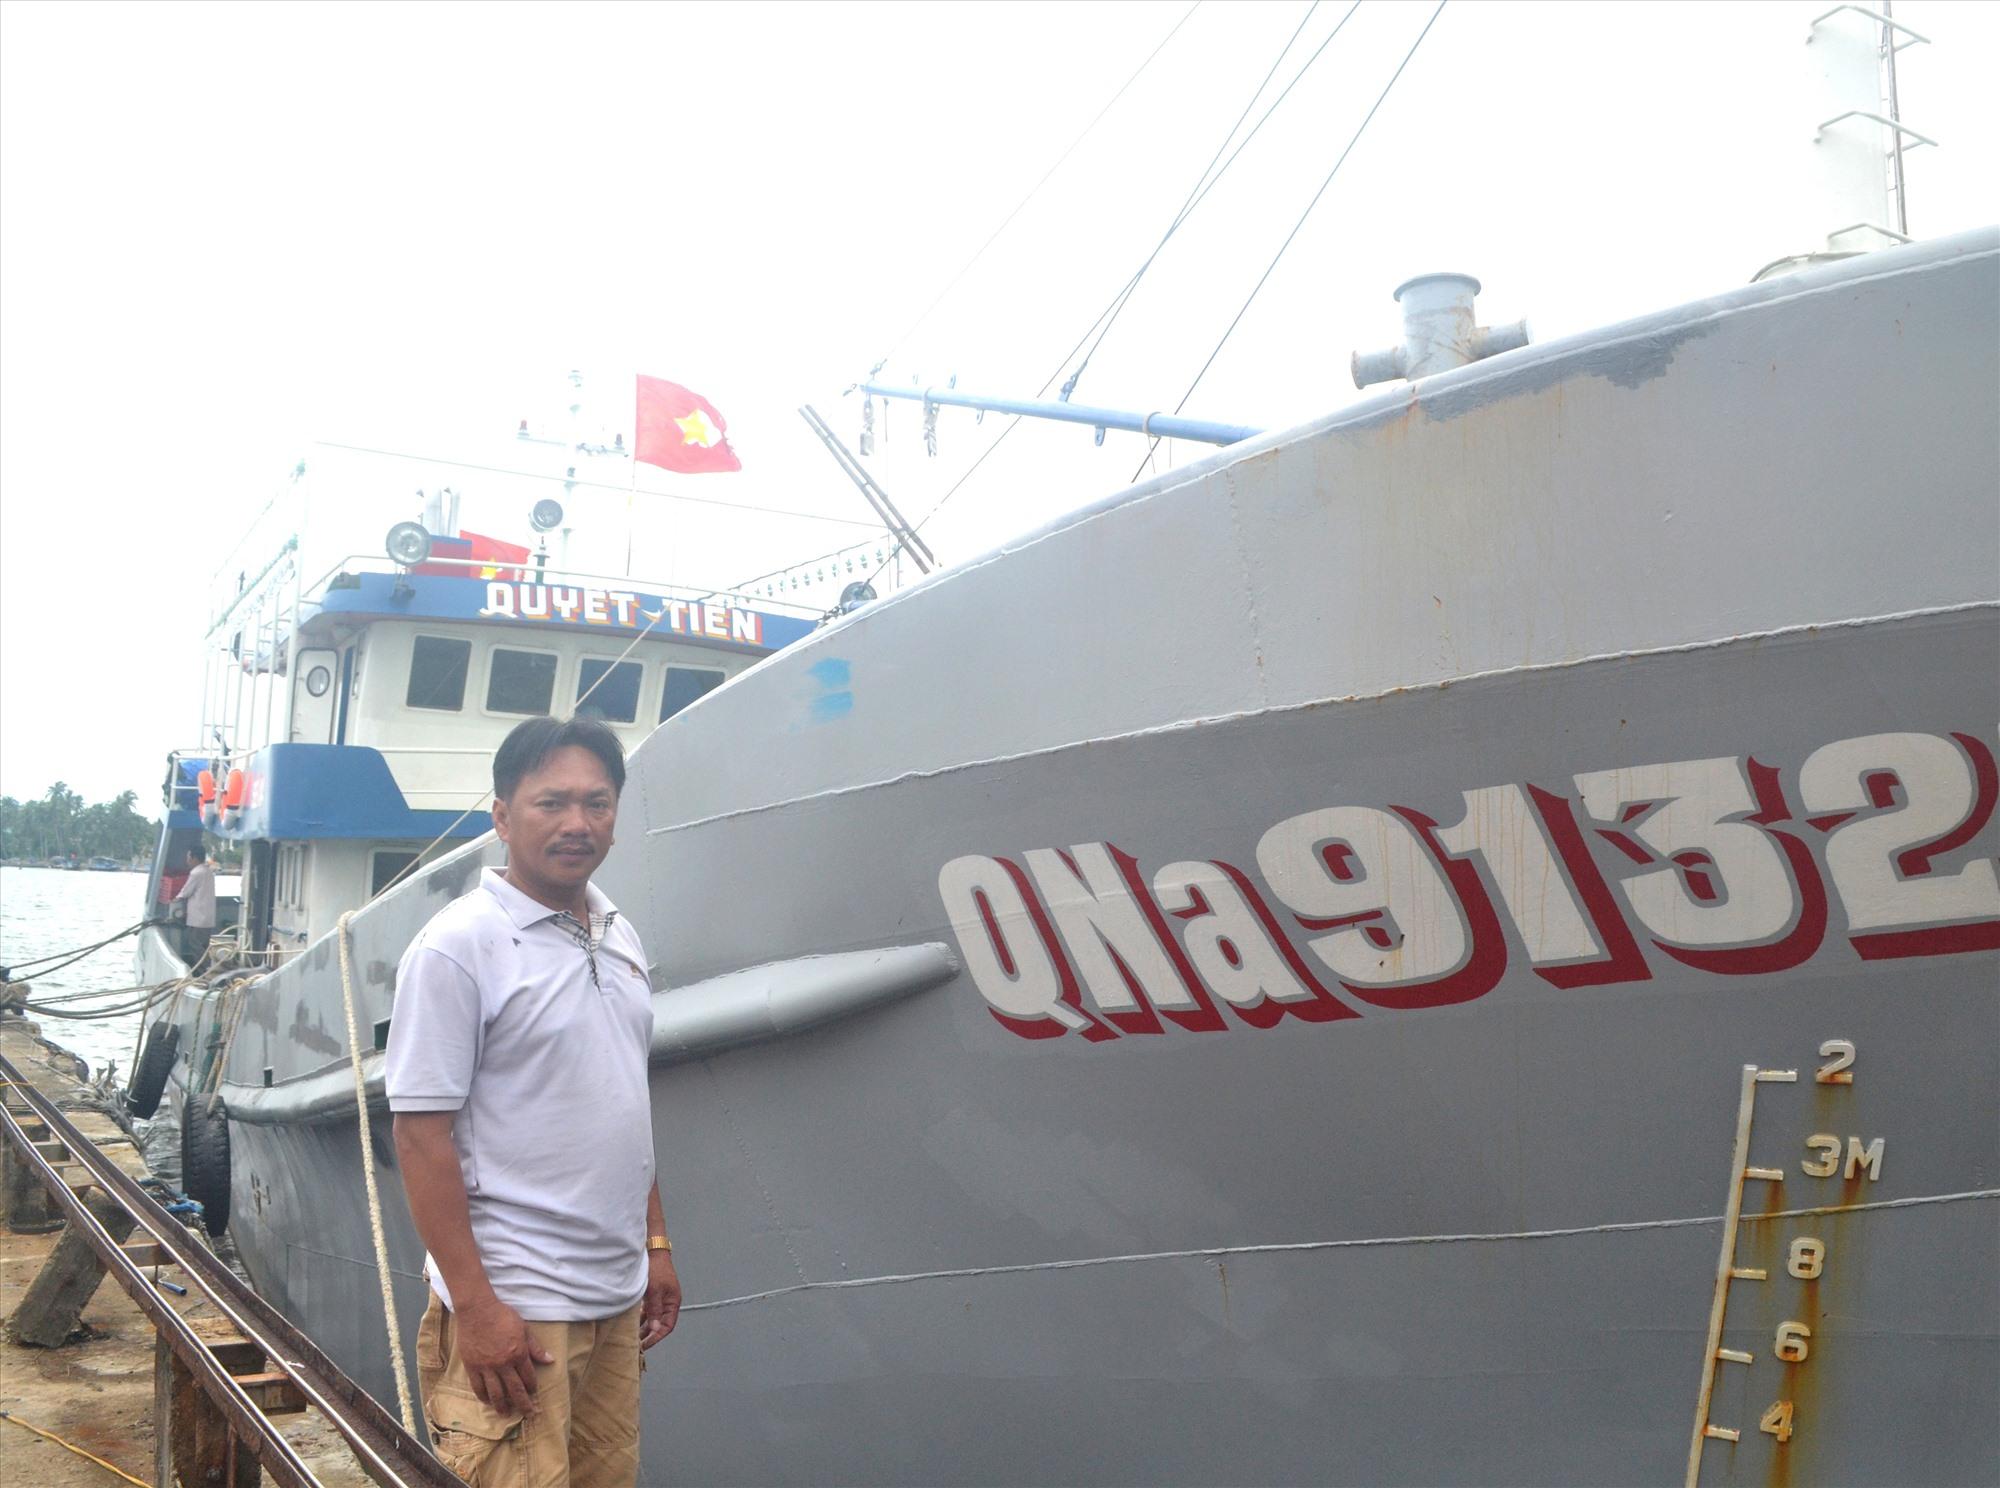 Sản xuất gặp khó, ngư dân loay hoay chuyển đổi nghề đánh bắt hải sản xa bờ nhưng hiệu quả thấp. Ảnh: VIỆT NGUYỄN